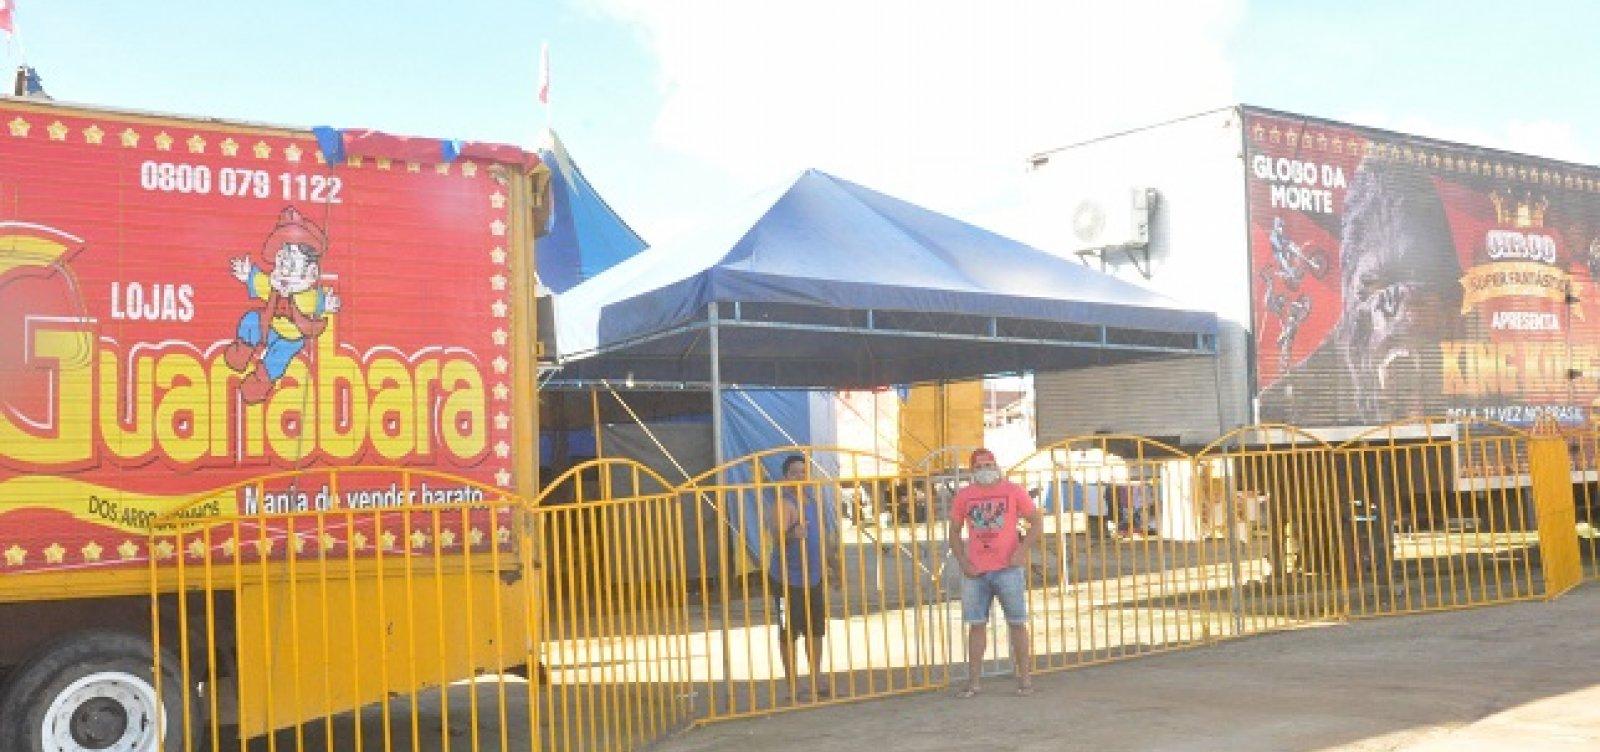 Jaguaquara: parados devido à pandemia, artistas de circo dependem de doações